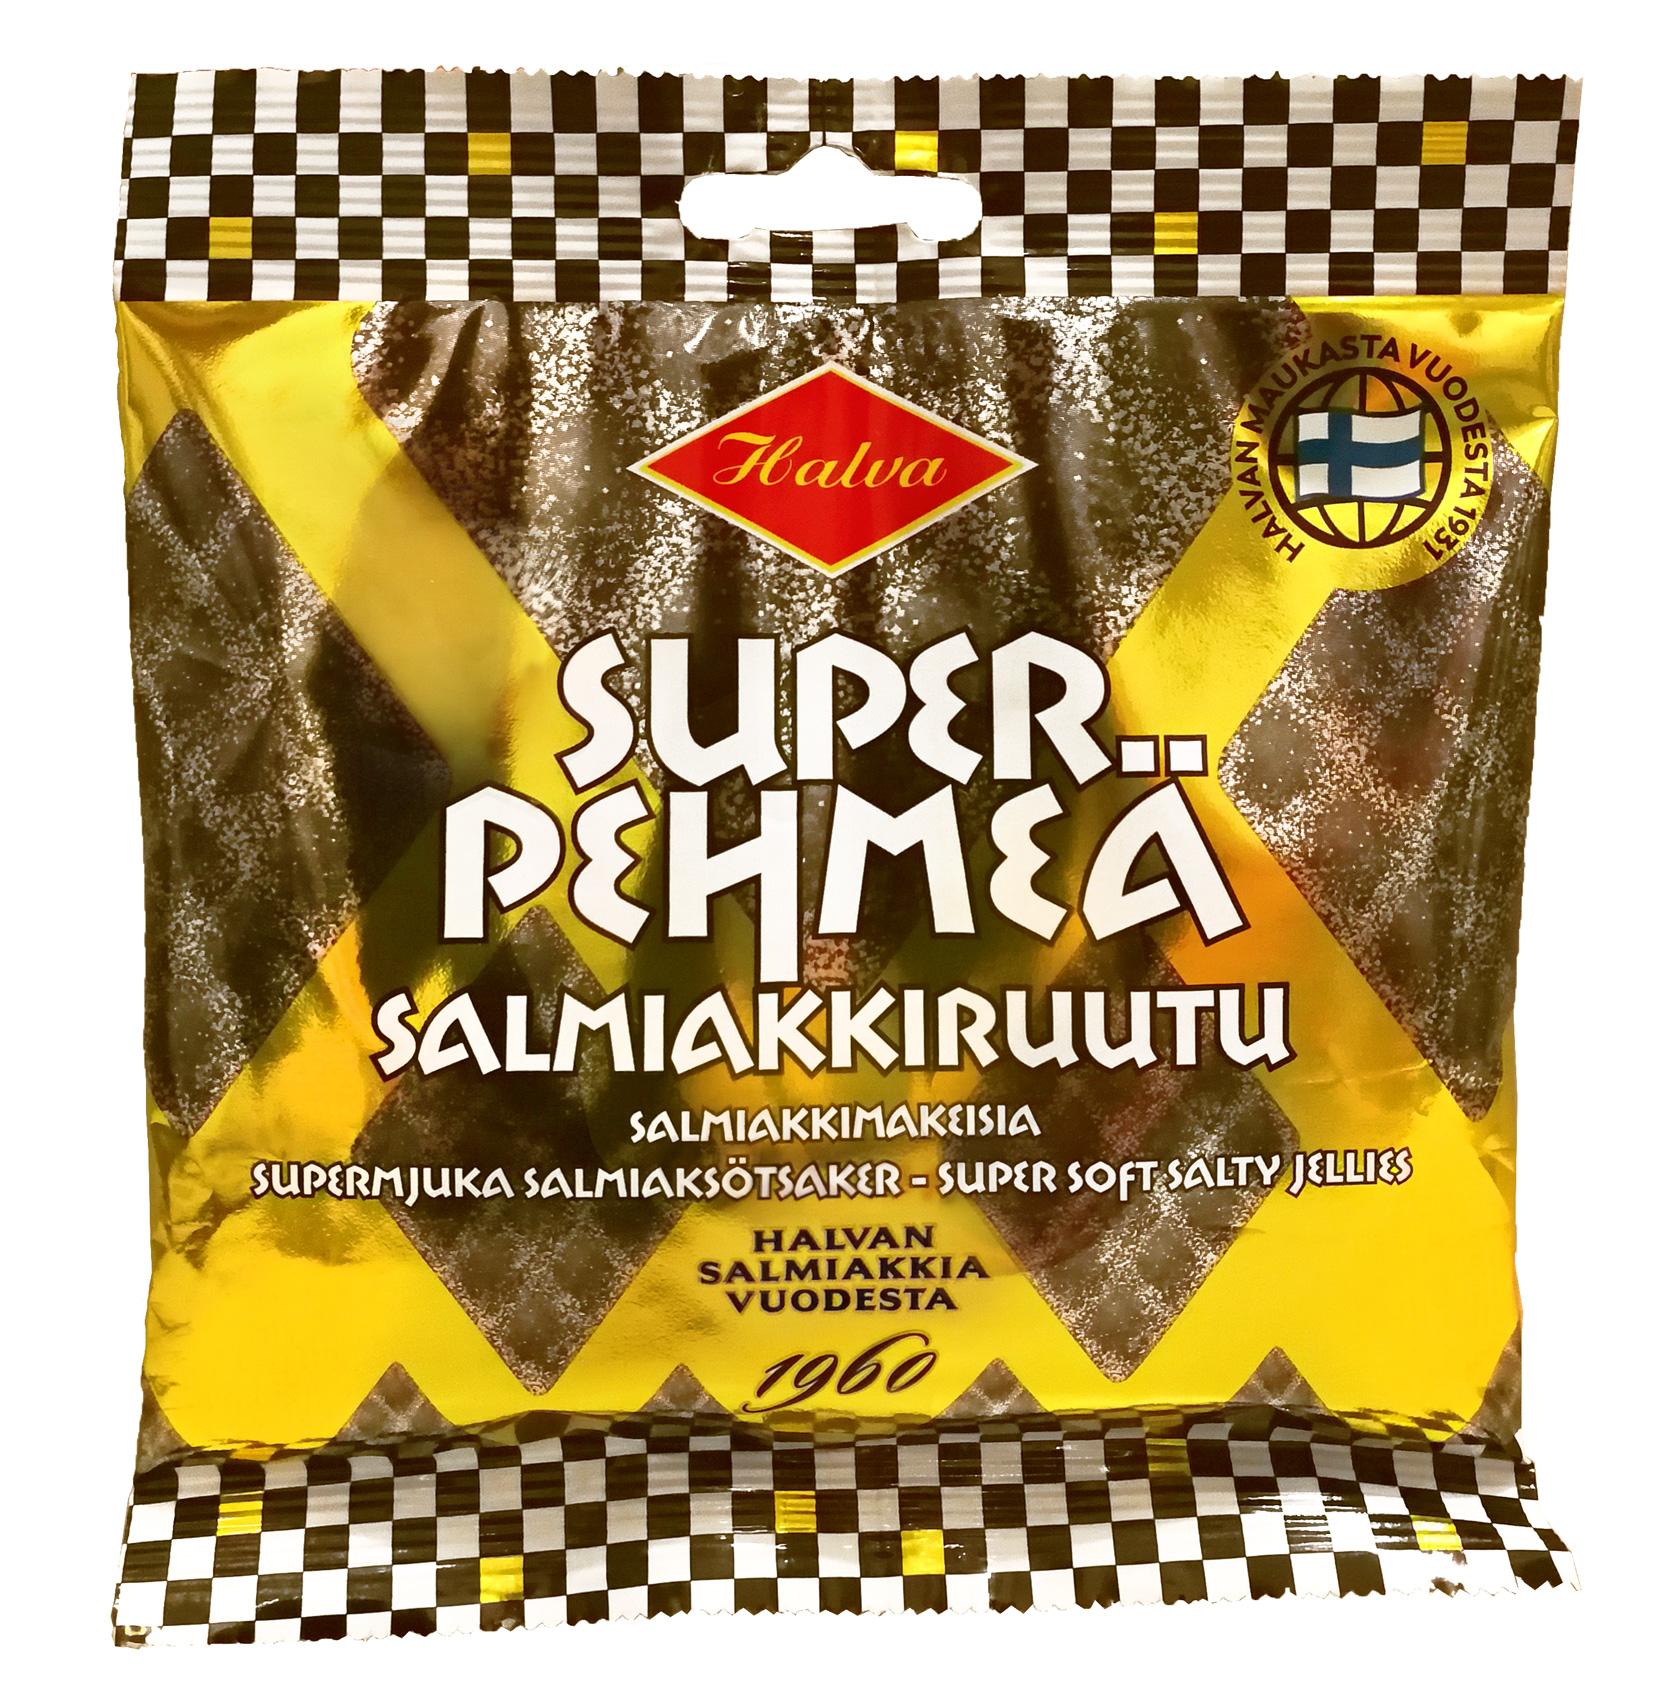 Halva Super Pehmeä Salmiakkiruutu 100 g